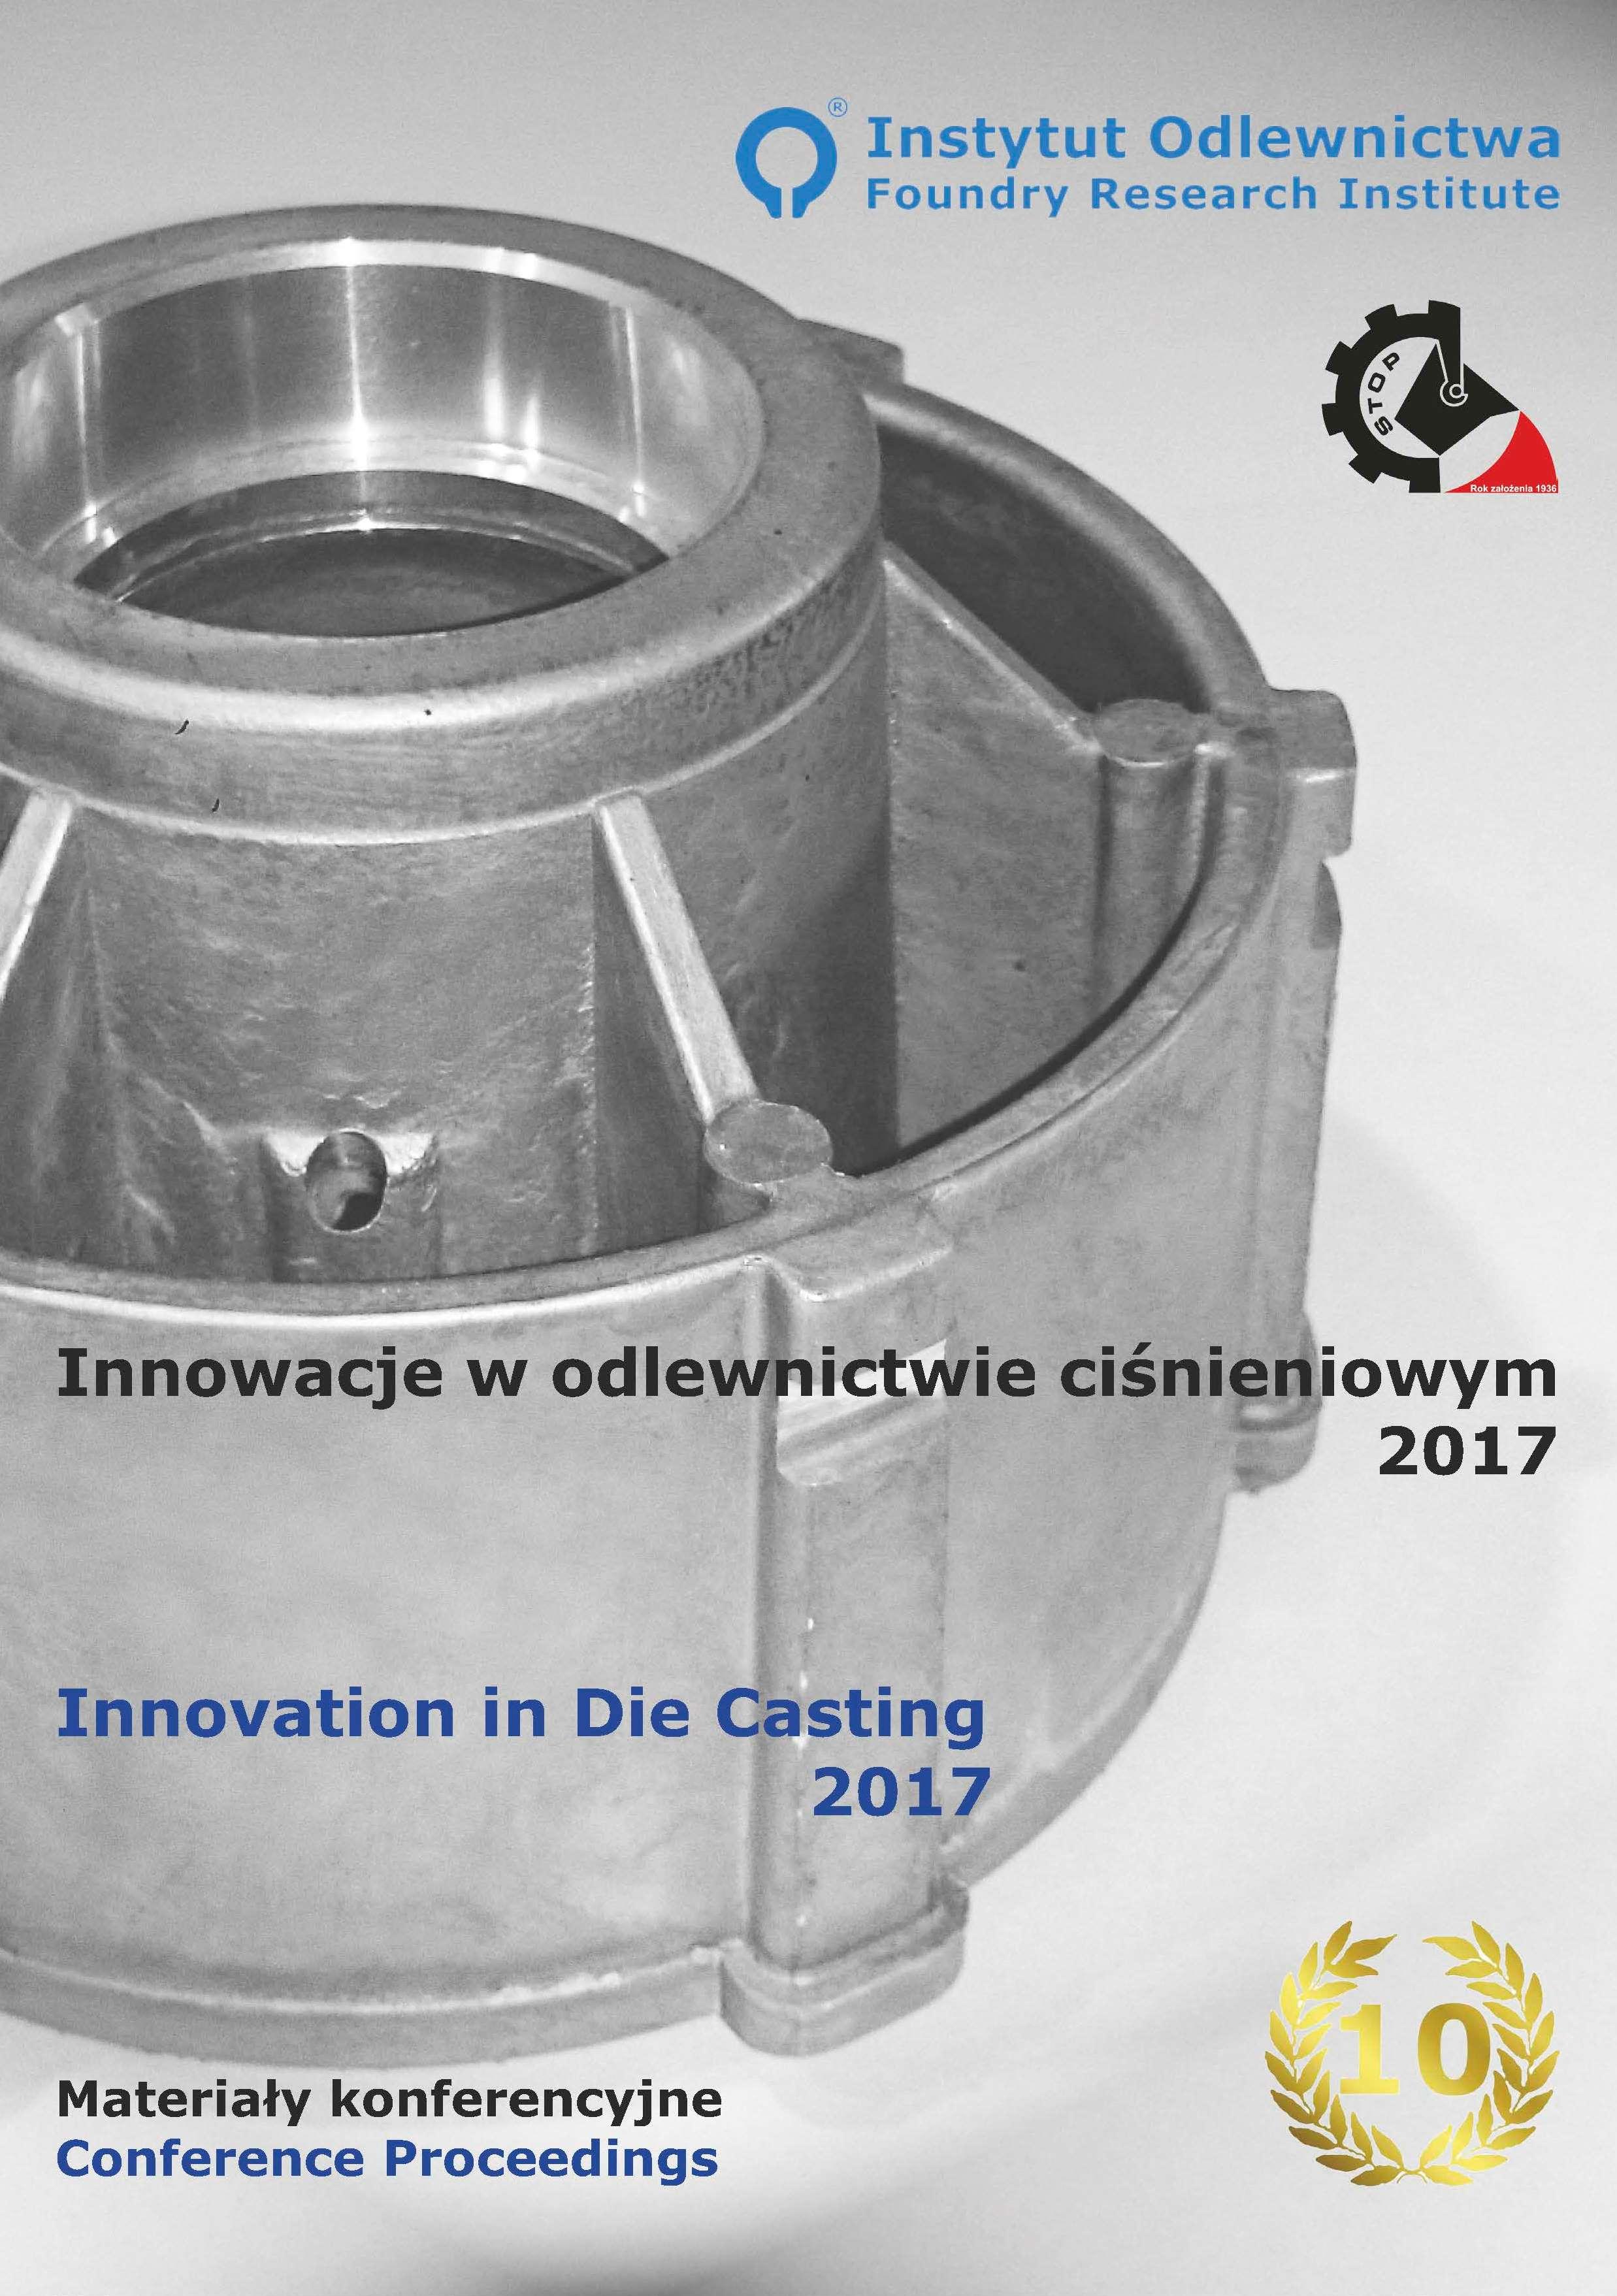 Innowacje w odlewnictwie ciśnieniowym 2017. Cz. X. Materiały konferencyjne